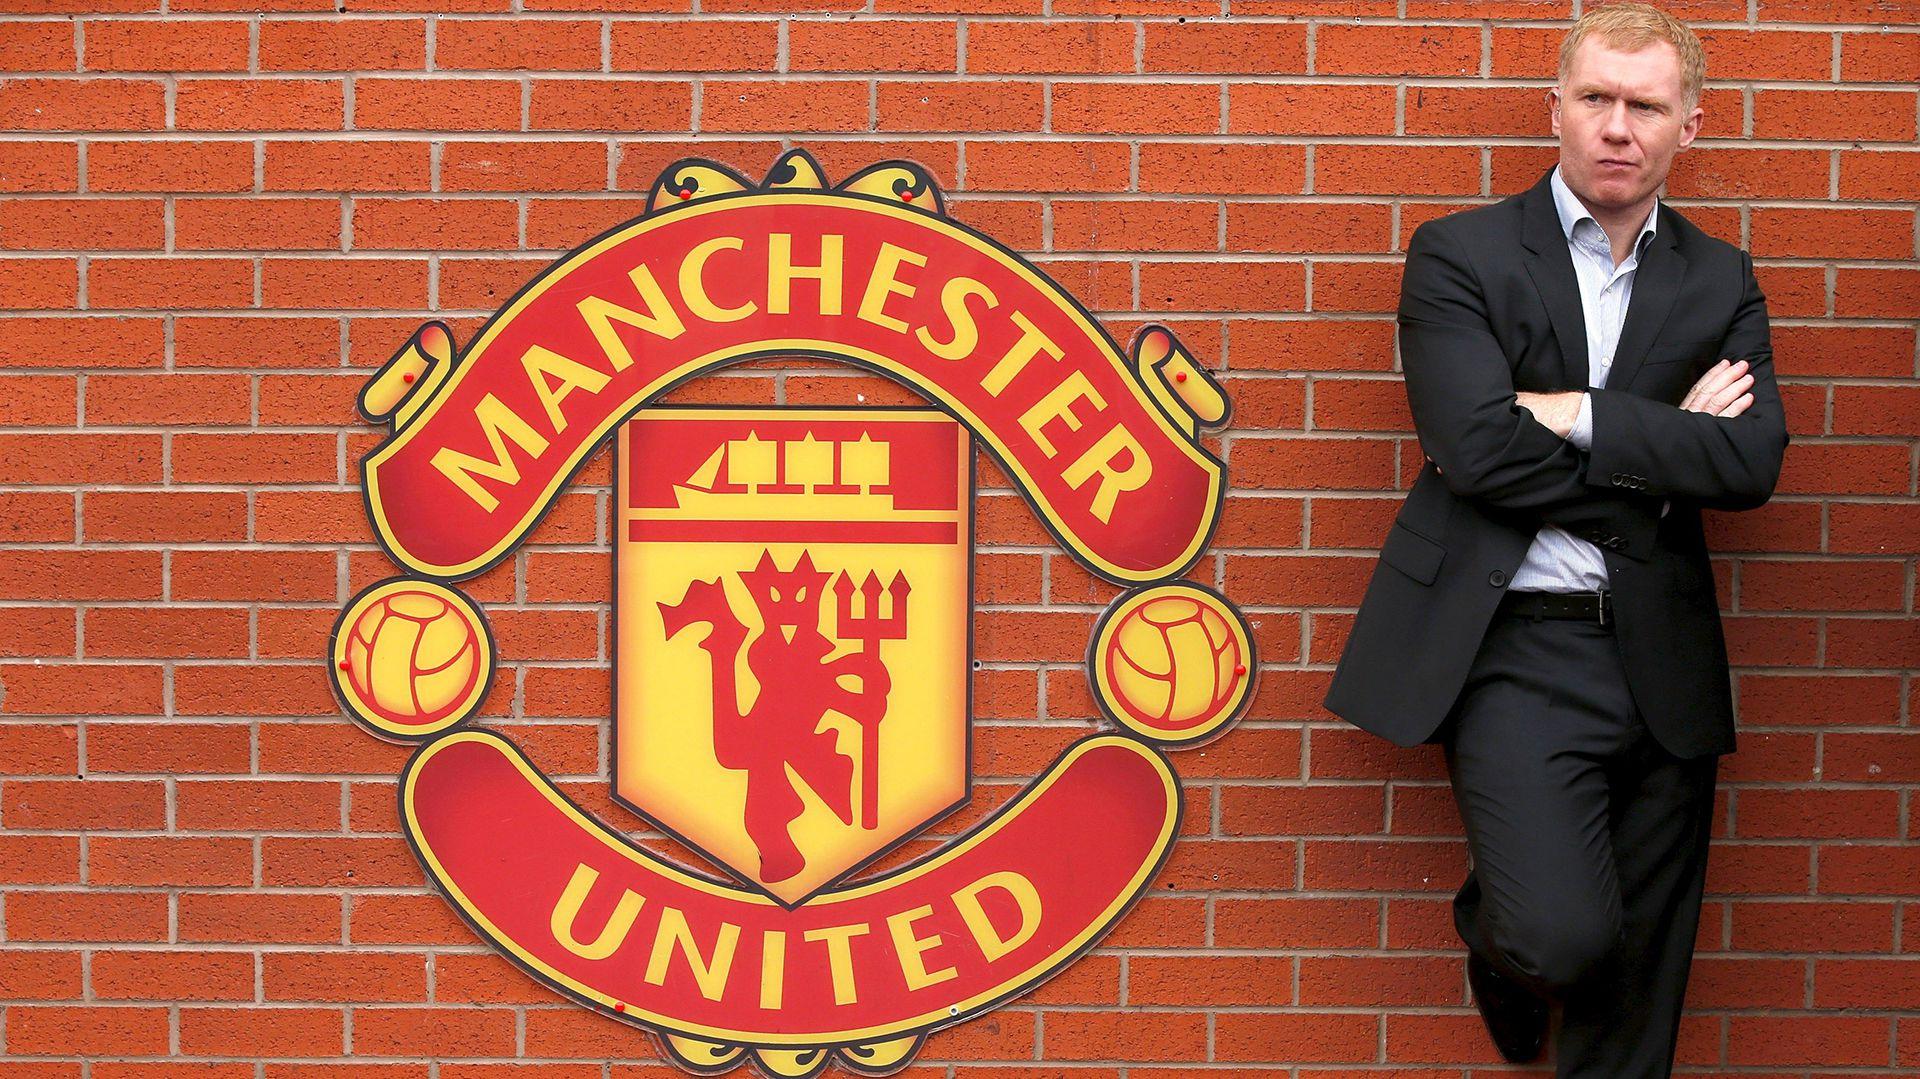 Paul Scholes es una gloria del Manchester United (Foto: Reuters)